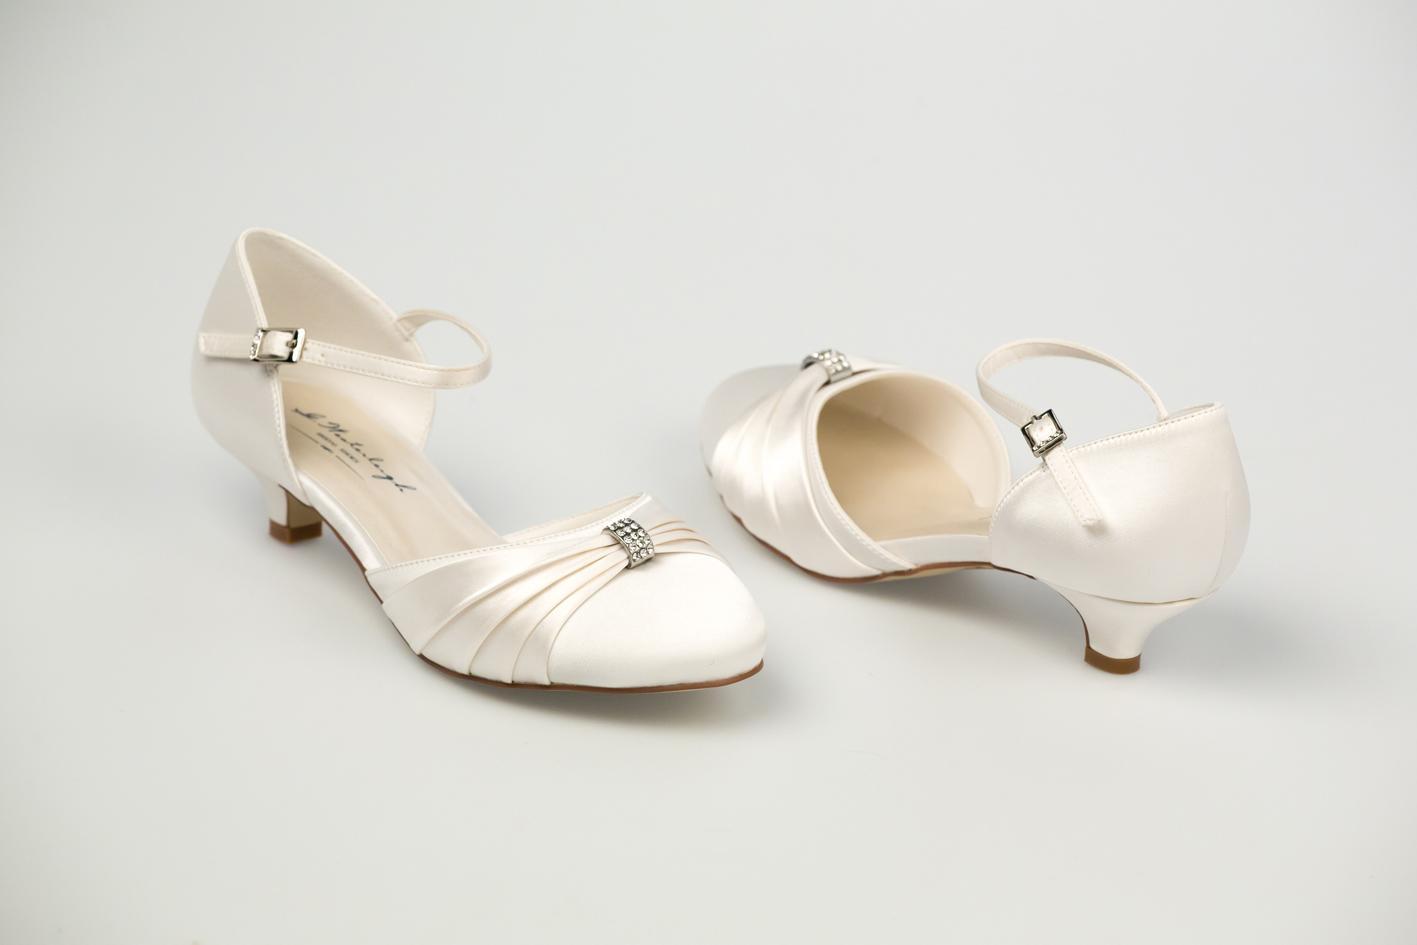 Svadobné topánky Heidi - Obrázok č. 2